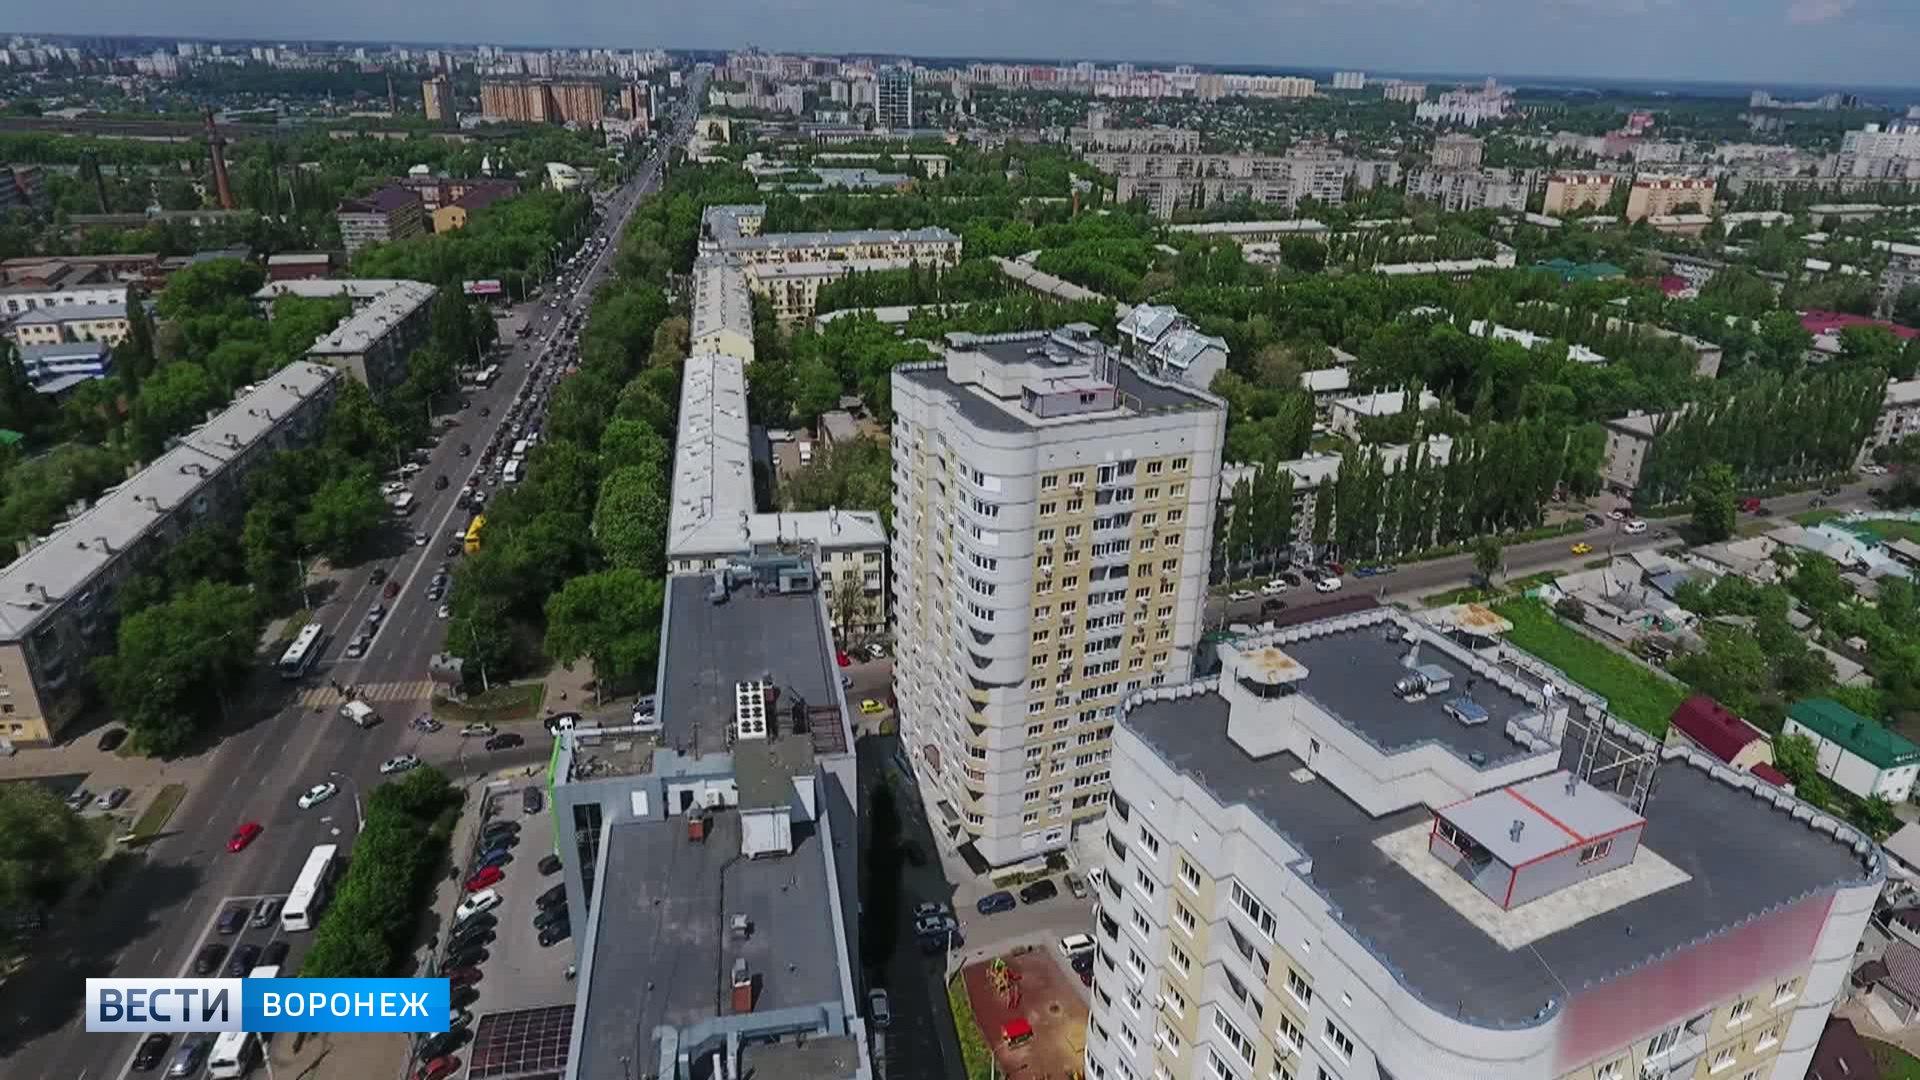 Ромашкин луг и Песчаная гора. Аналитики назвали самые необычные улицы Воронежа